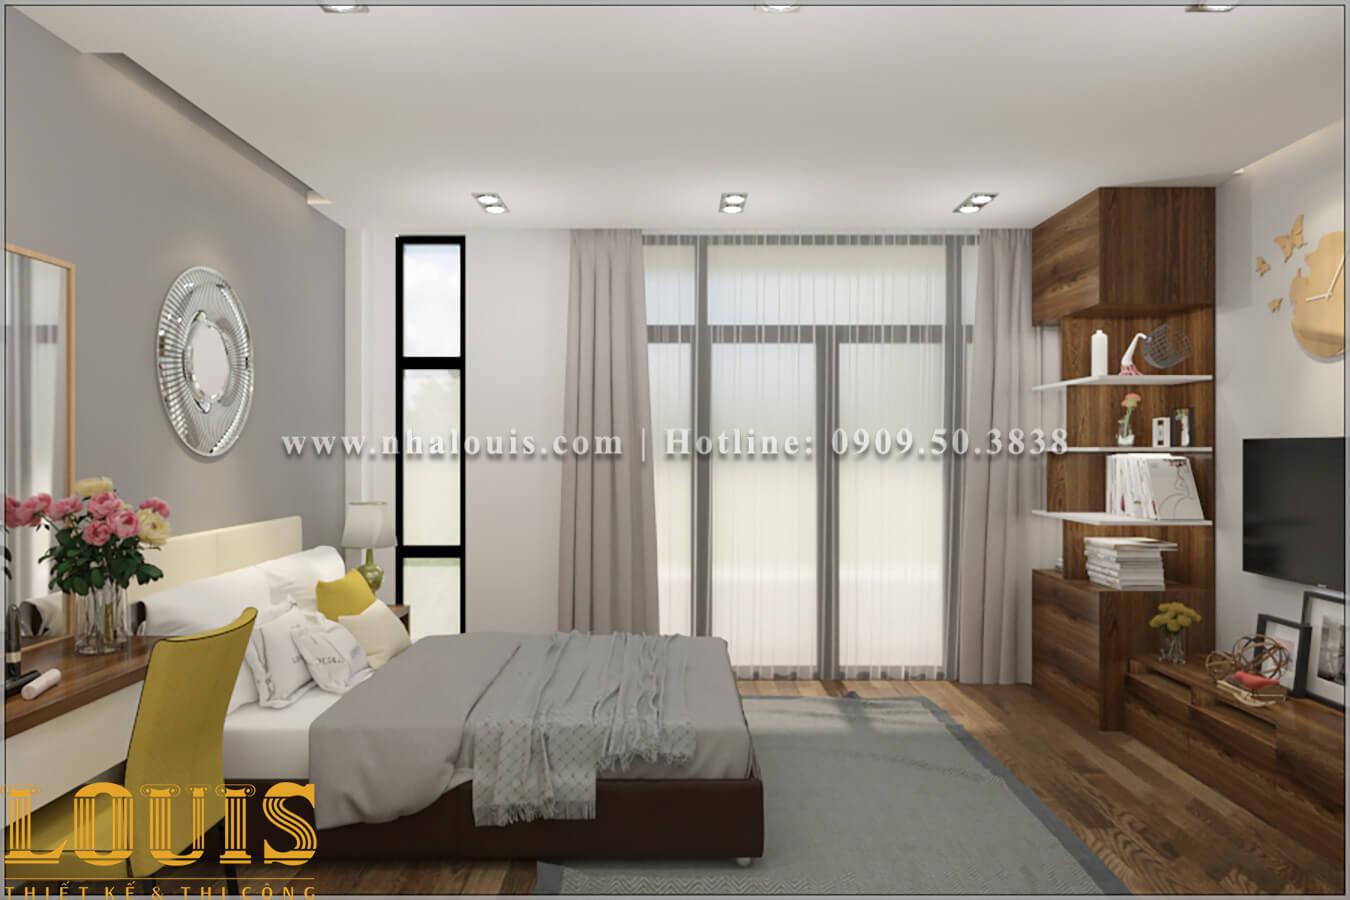 Phòng ngủ Thiết kế nhà ống 2 tầng 1 tum đẹp theo xu hướng mới 2018 tại Long An